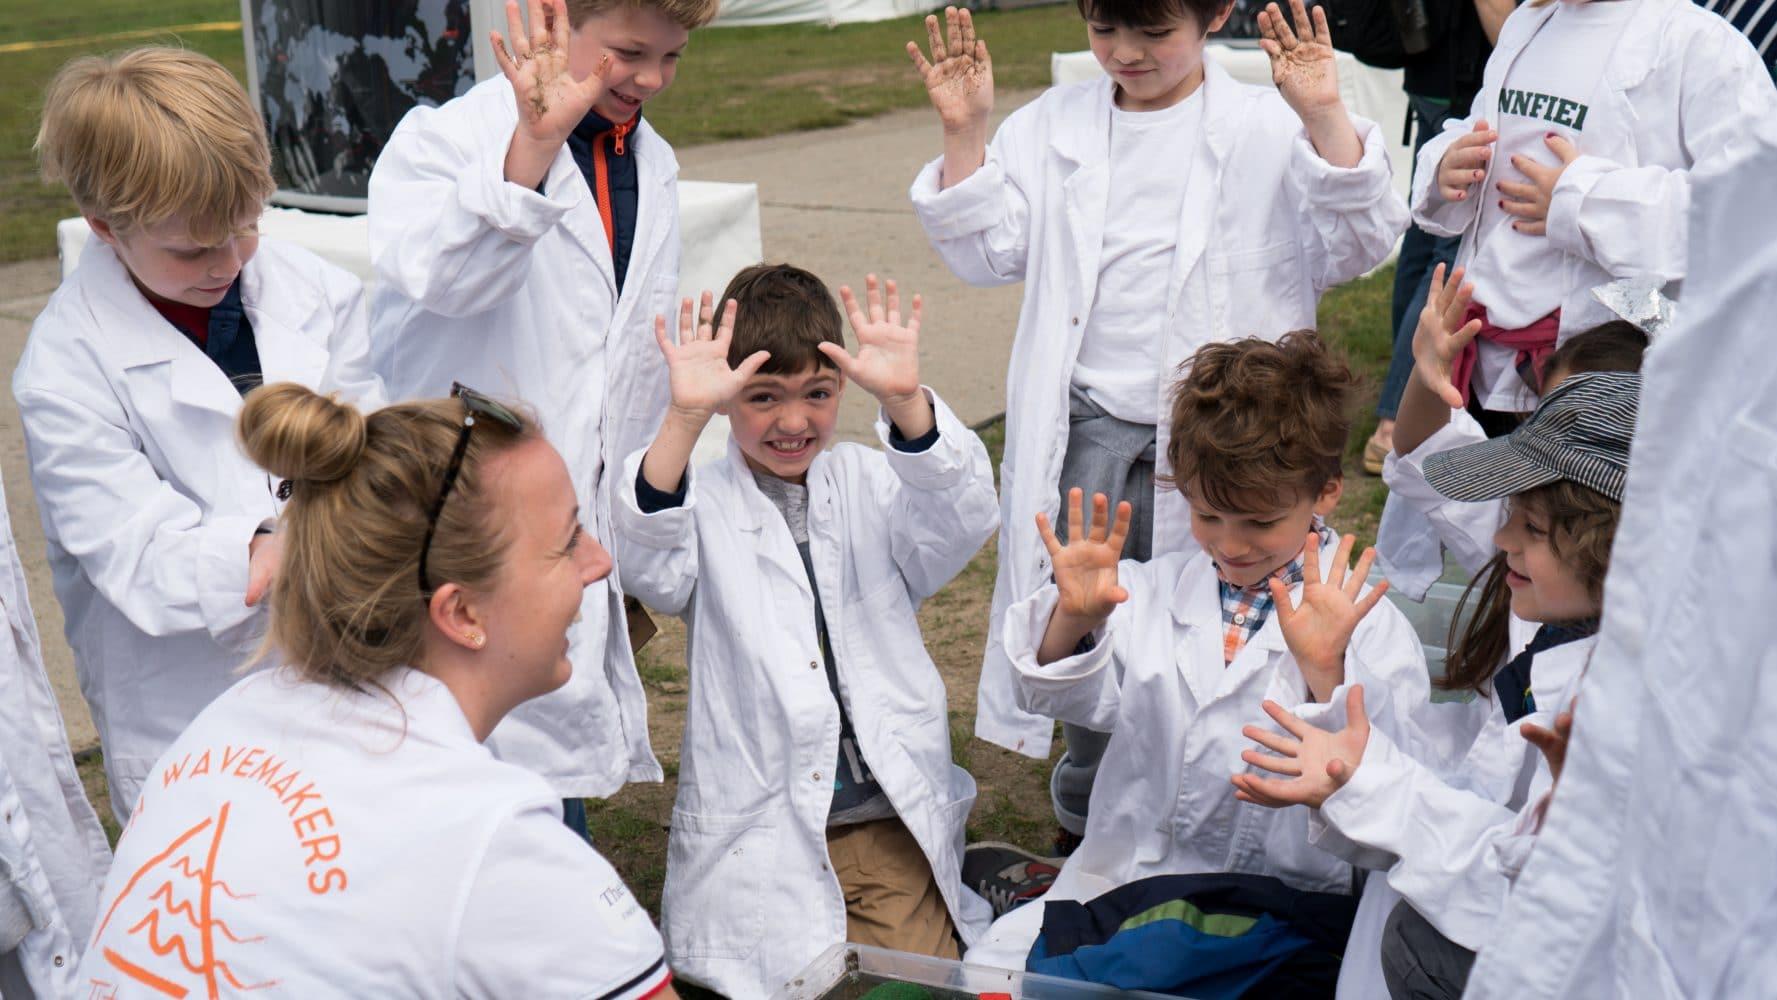 Bo Schreur tijdens één van de waterexperimenten met de enthousiaste kinderen. (bron: www.zsl.nu)